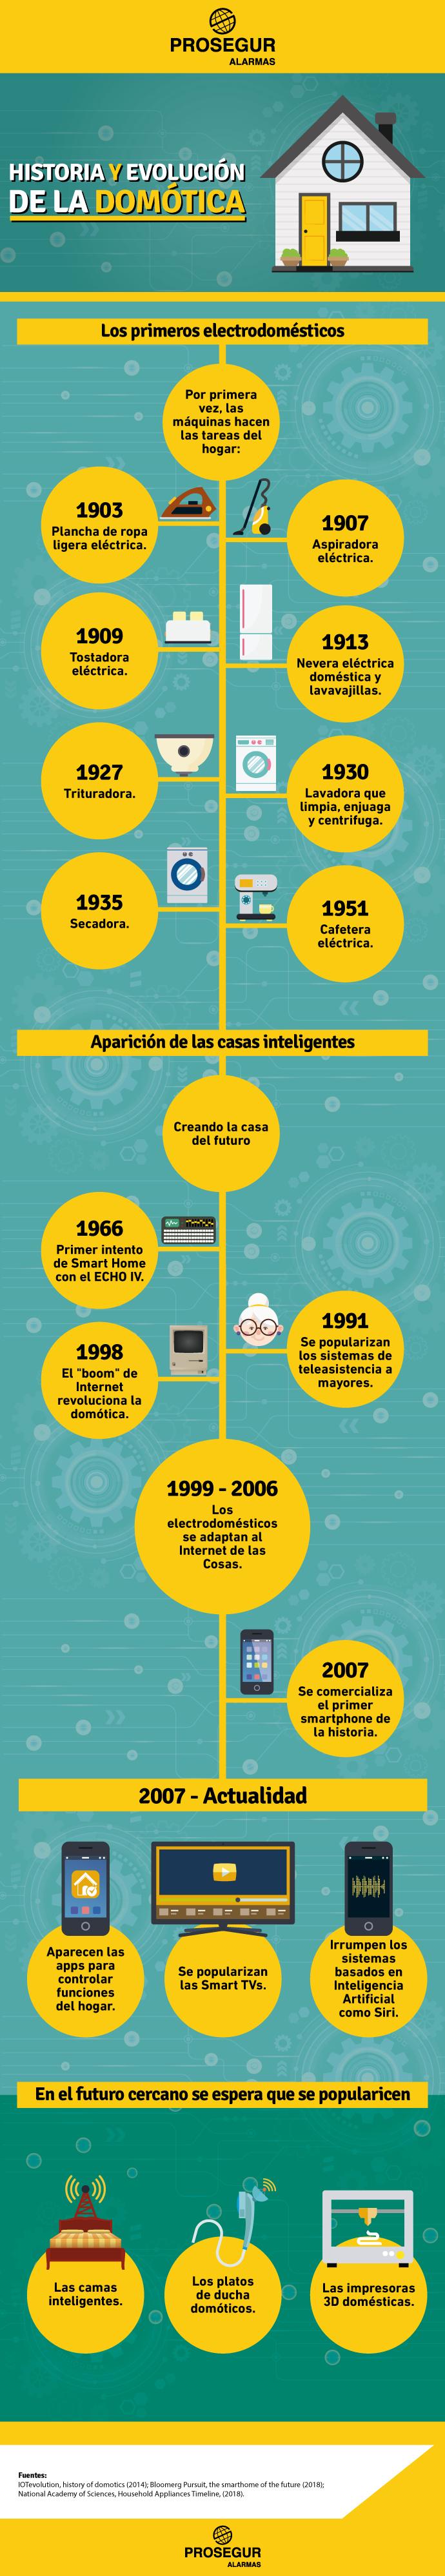 Historia y evolución de la domótica desde que nace hasta hoy en día